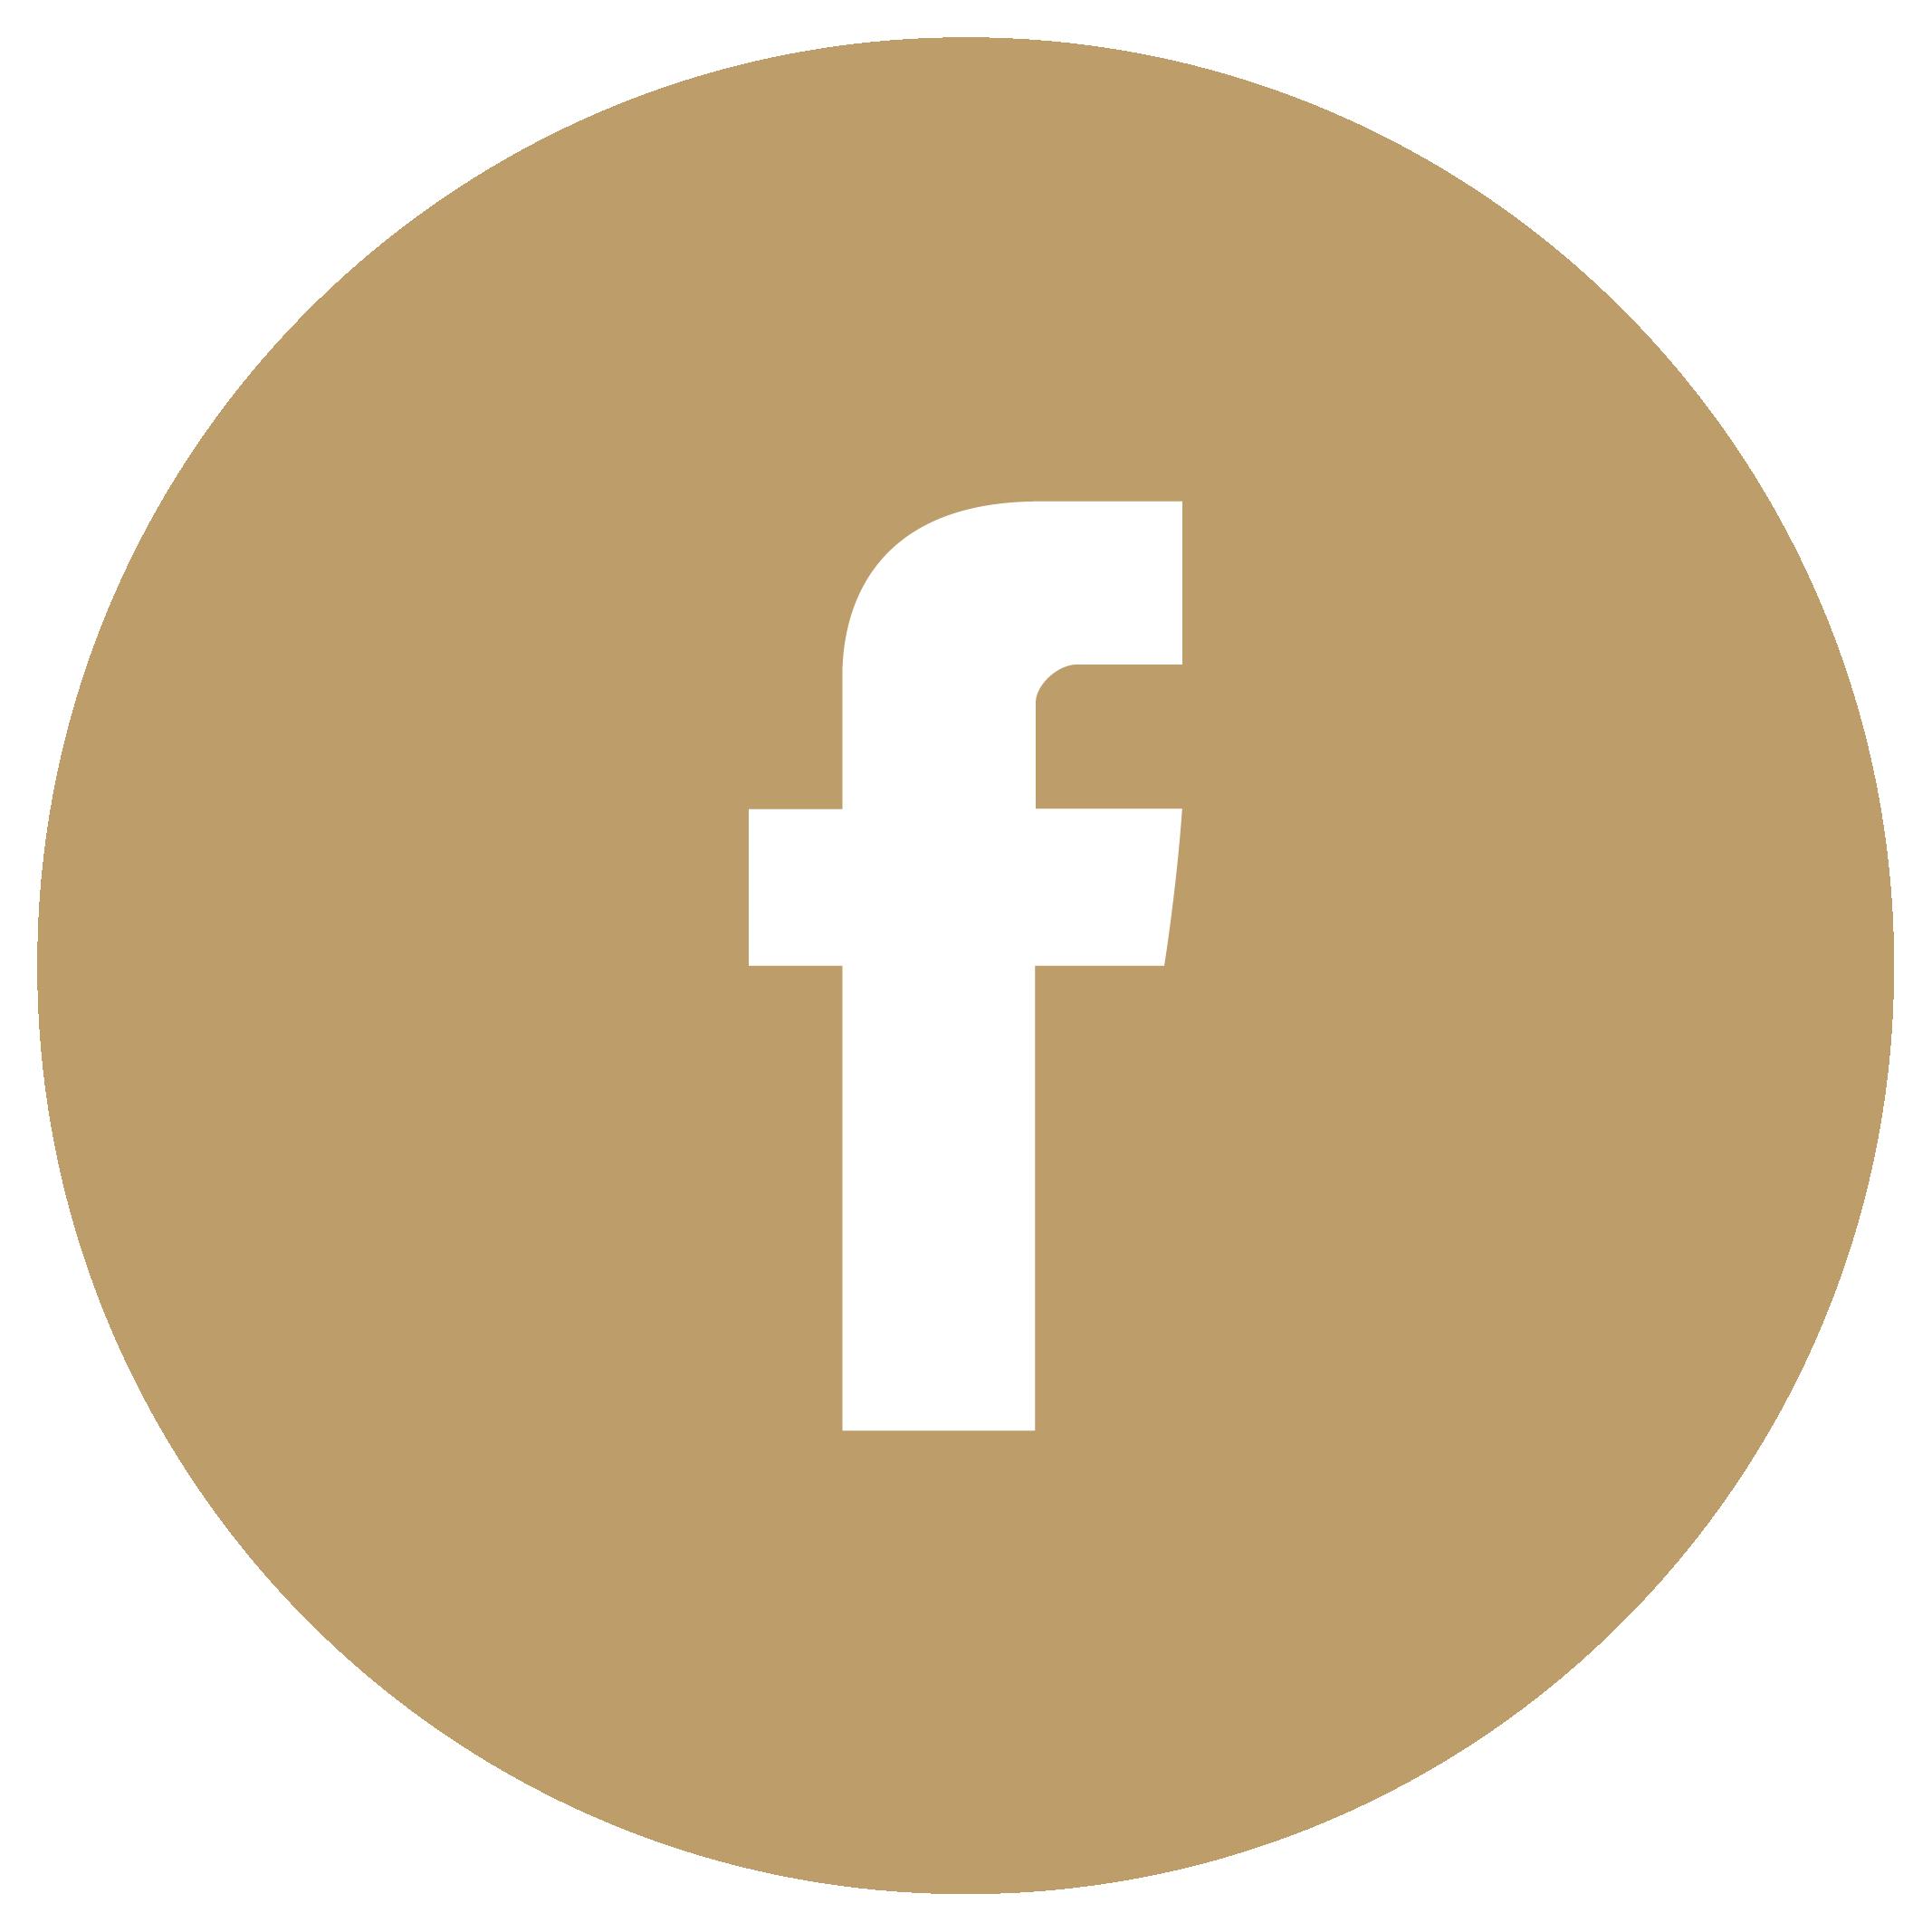 Icoon Facebook